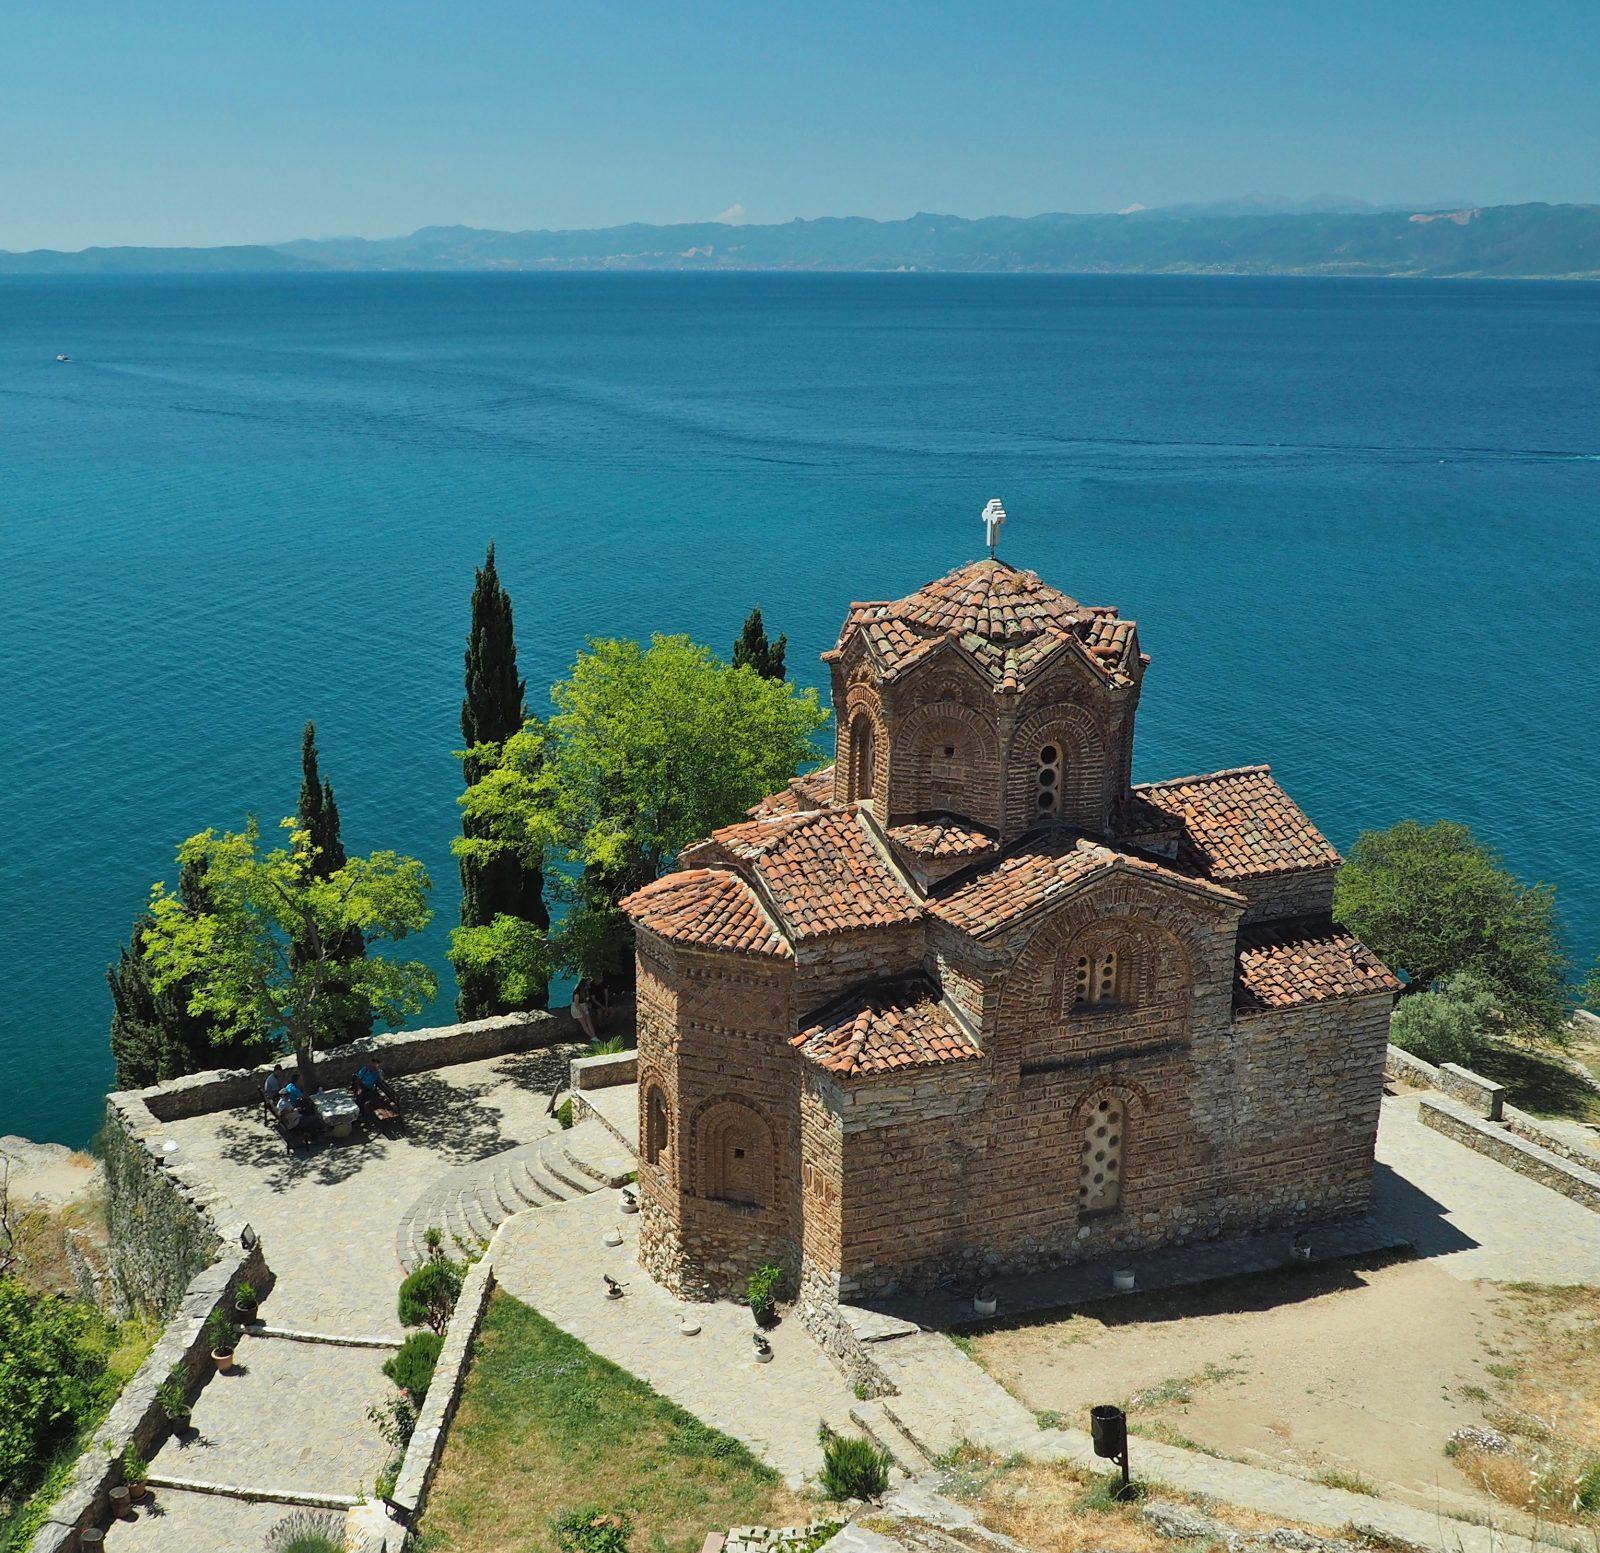 Putovanje Ohrid, evropski gradovi, crkva Svetog Jovana